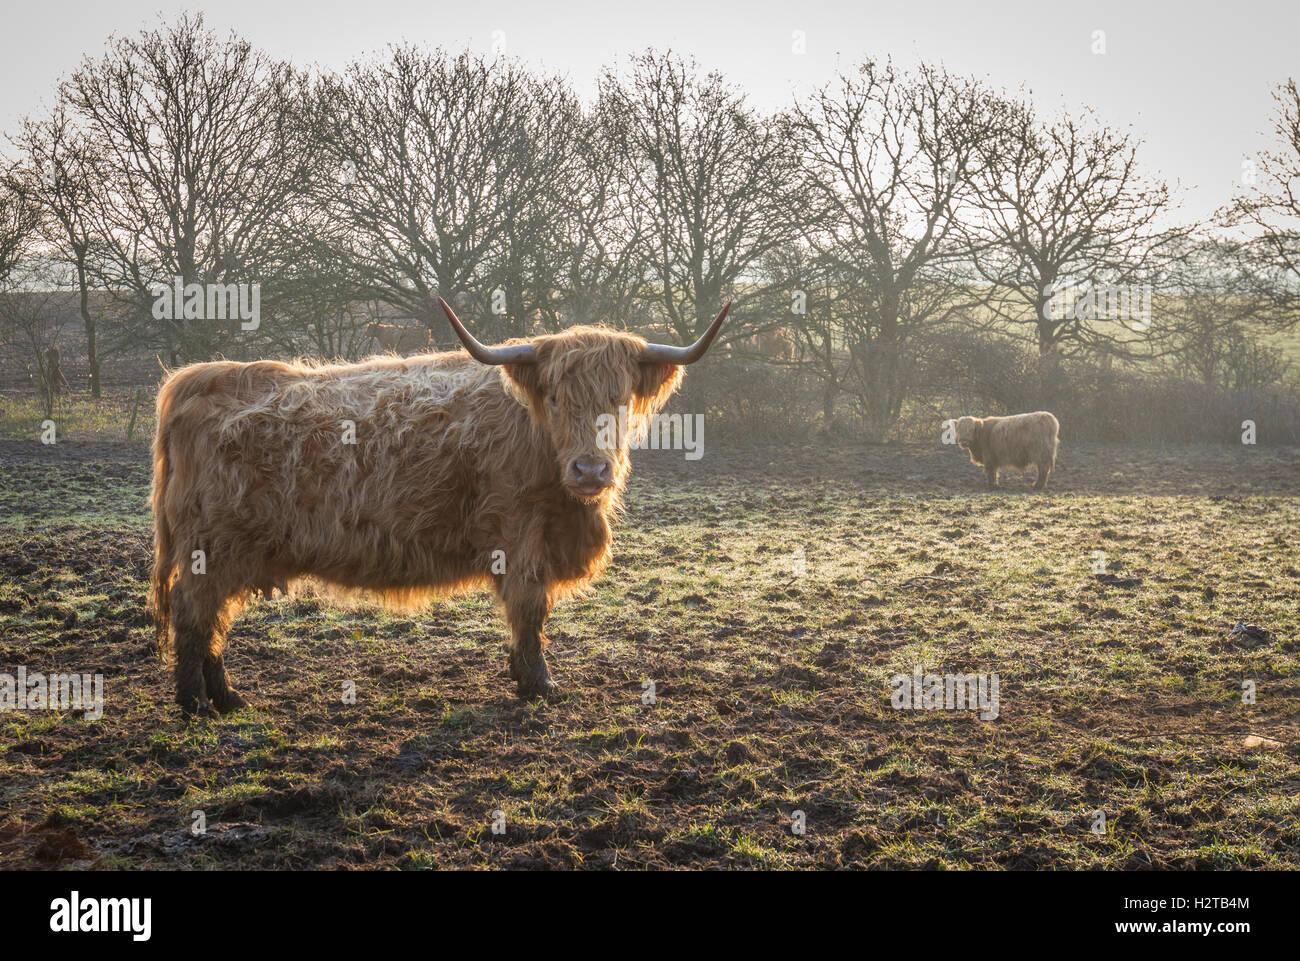 Highland mucca con le corna al sorgere del sole in inverno con nebbia Immagini Stock